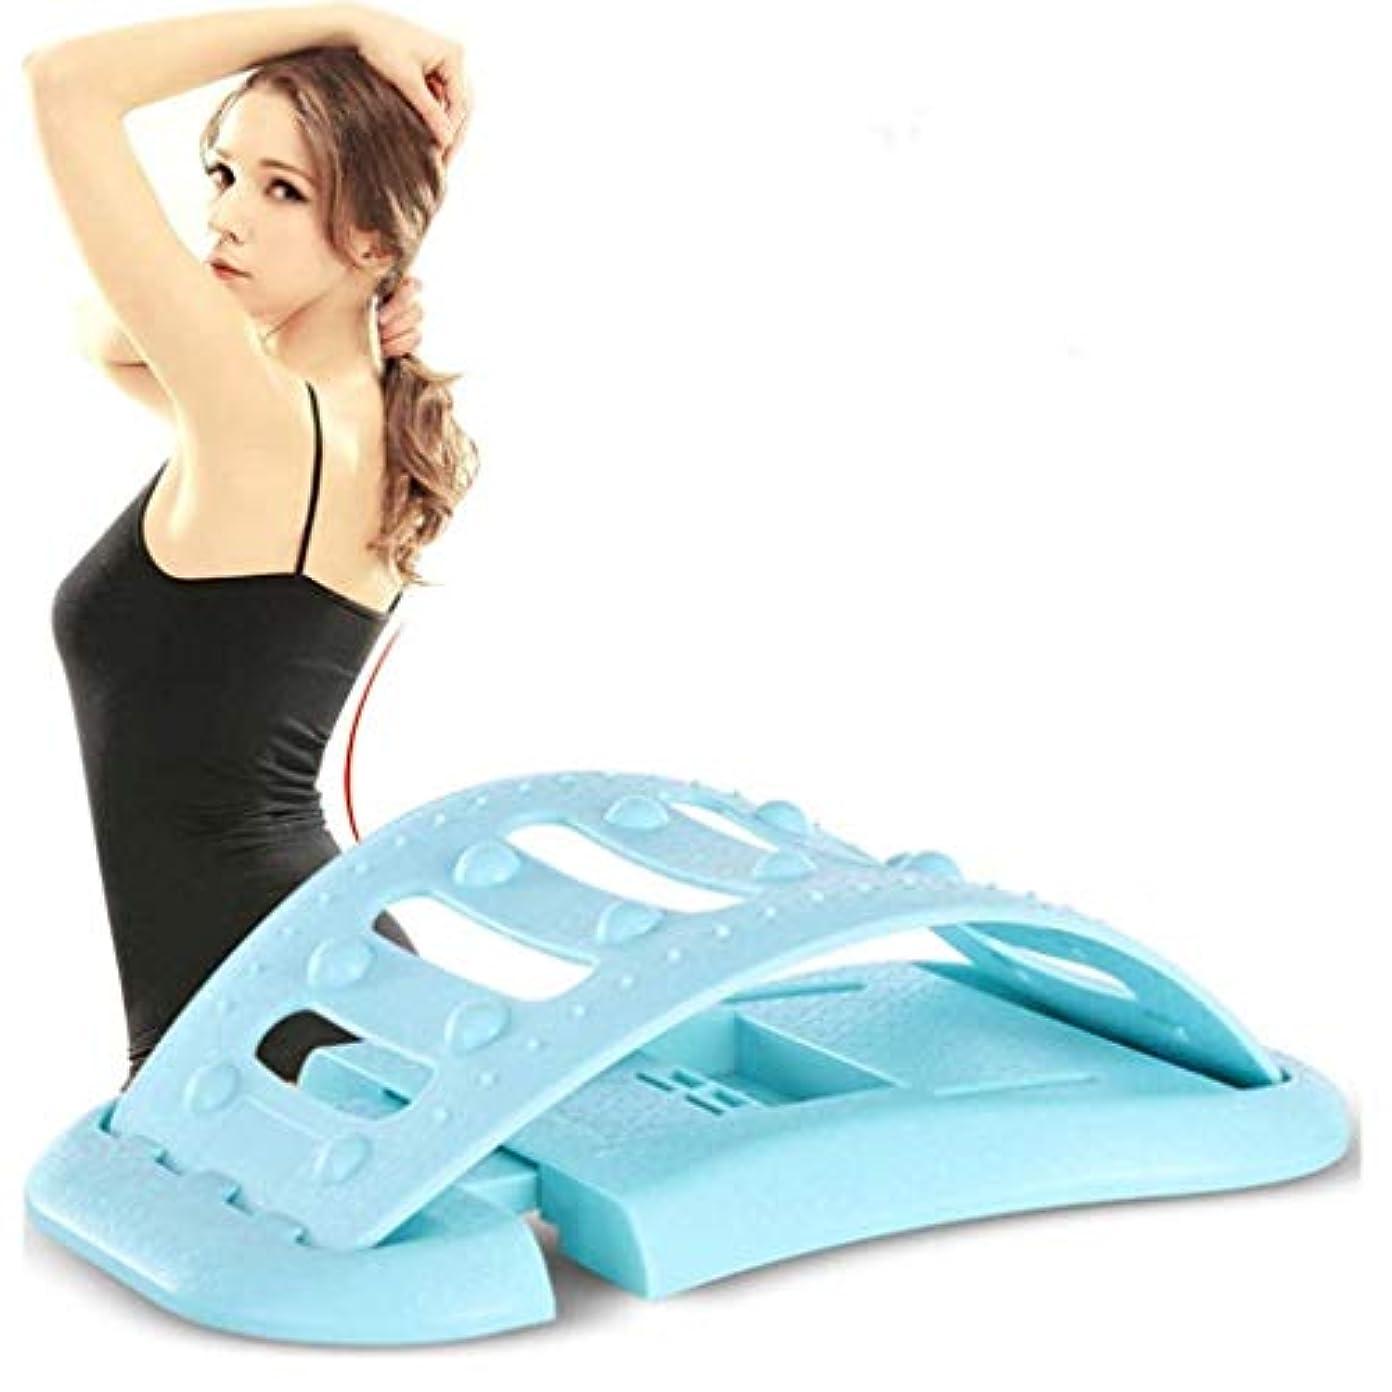 甥裏切るタヒチ姿勢ブレース、背中の痛みを軽減するための腰椎サポート、魅力的な曲線の形成 (Color : Blue)